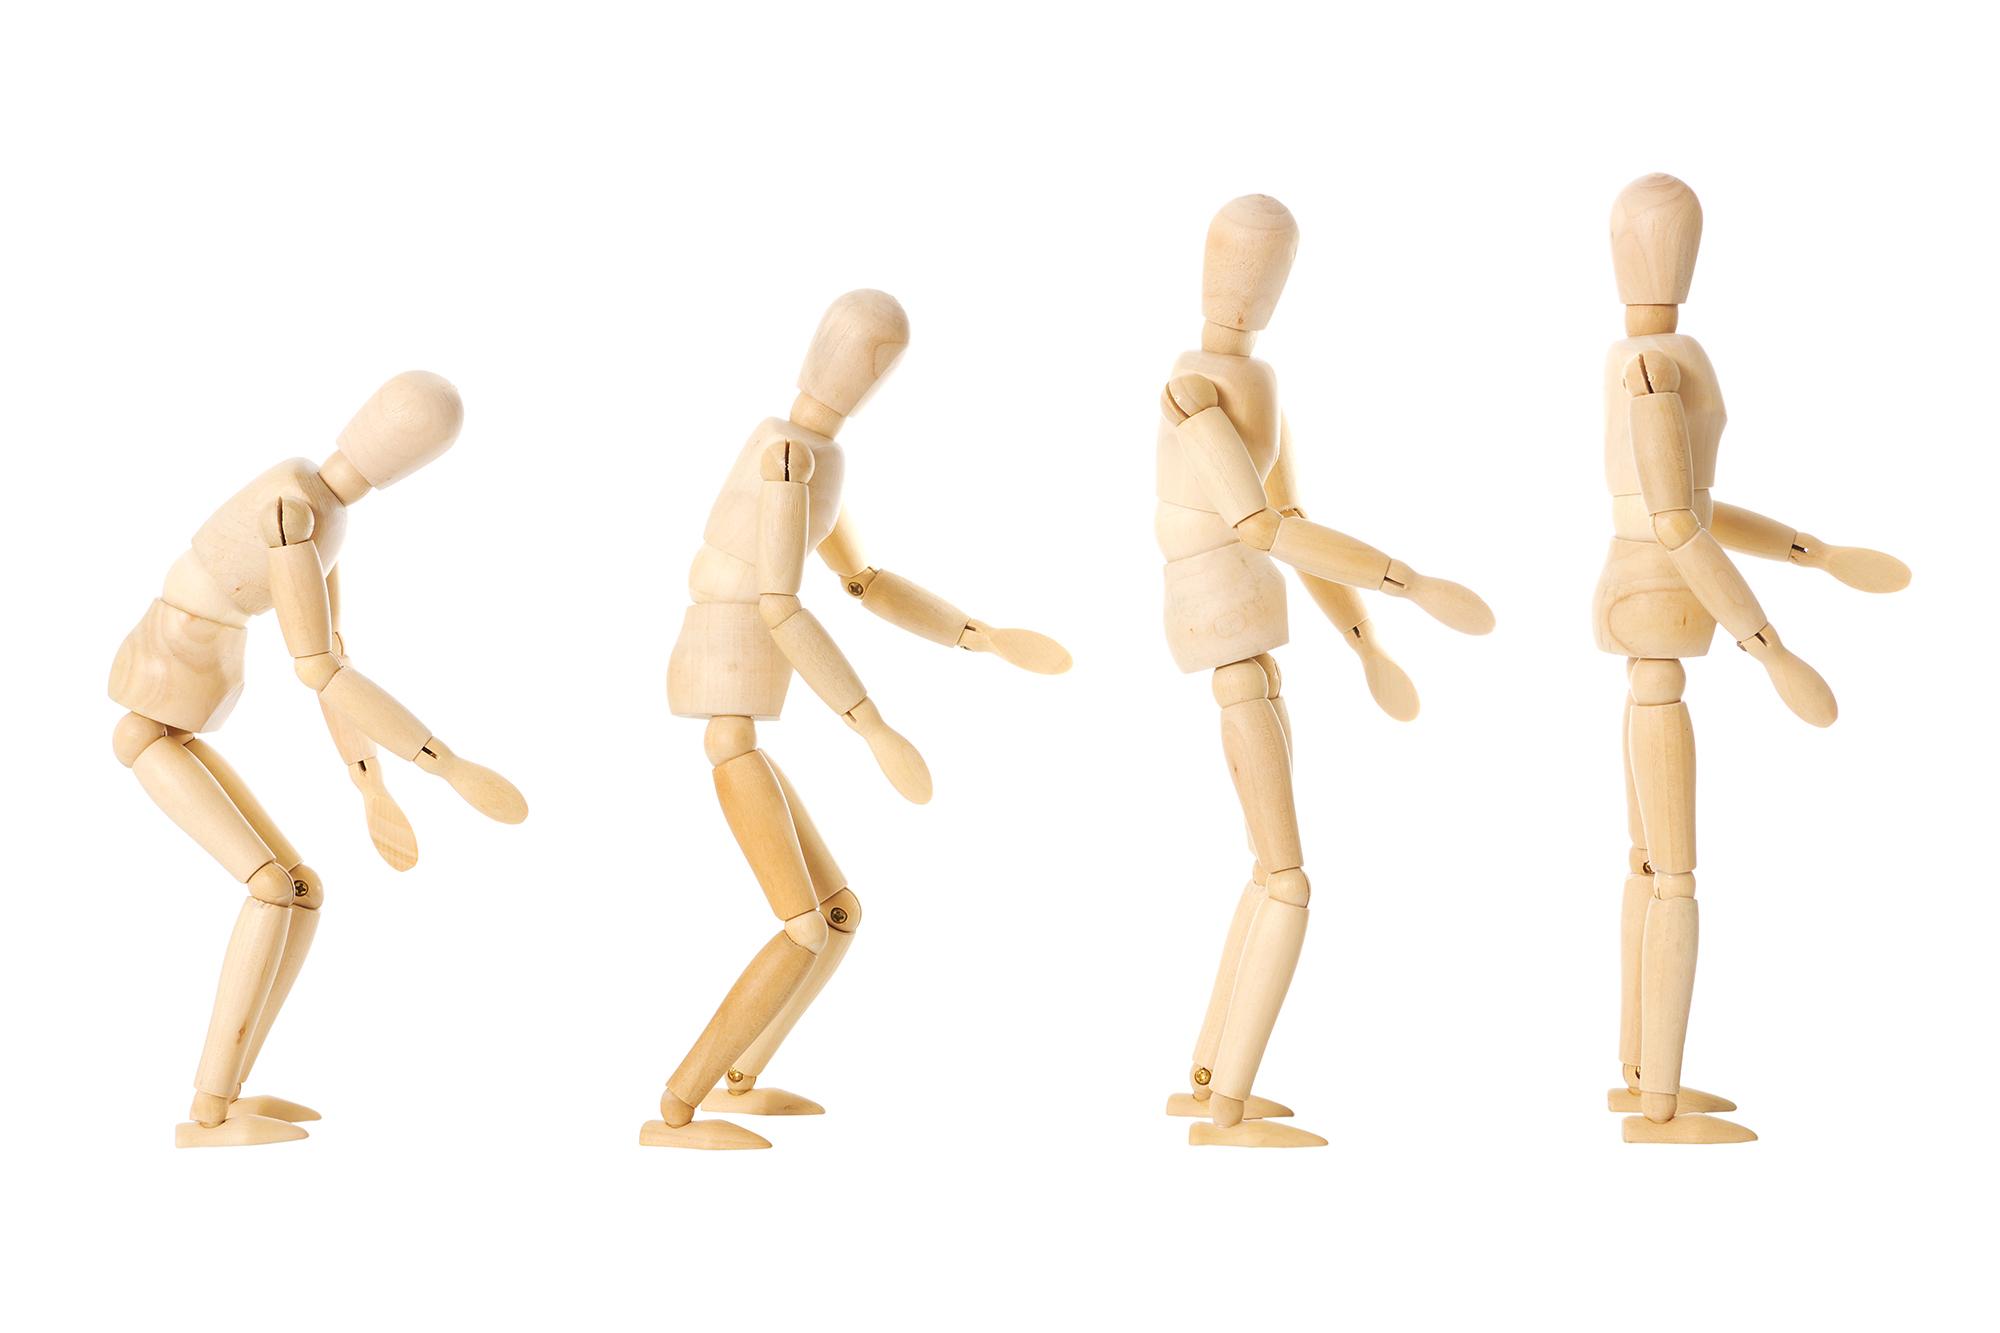 Fyra figurer som går från böjd smärtande rygg till en rak rygg